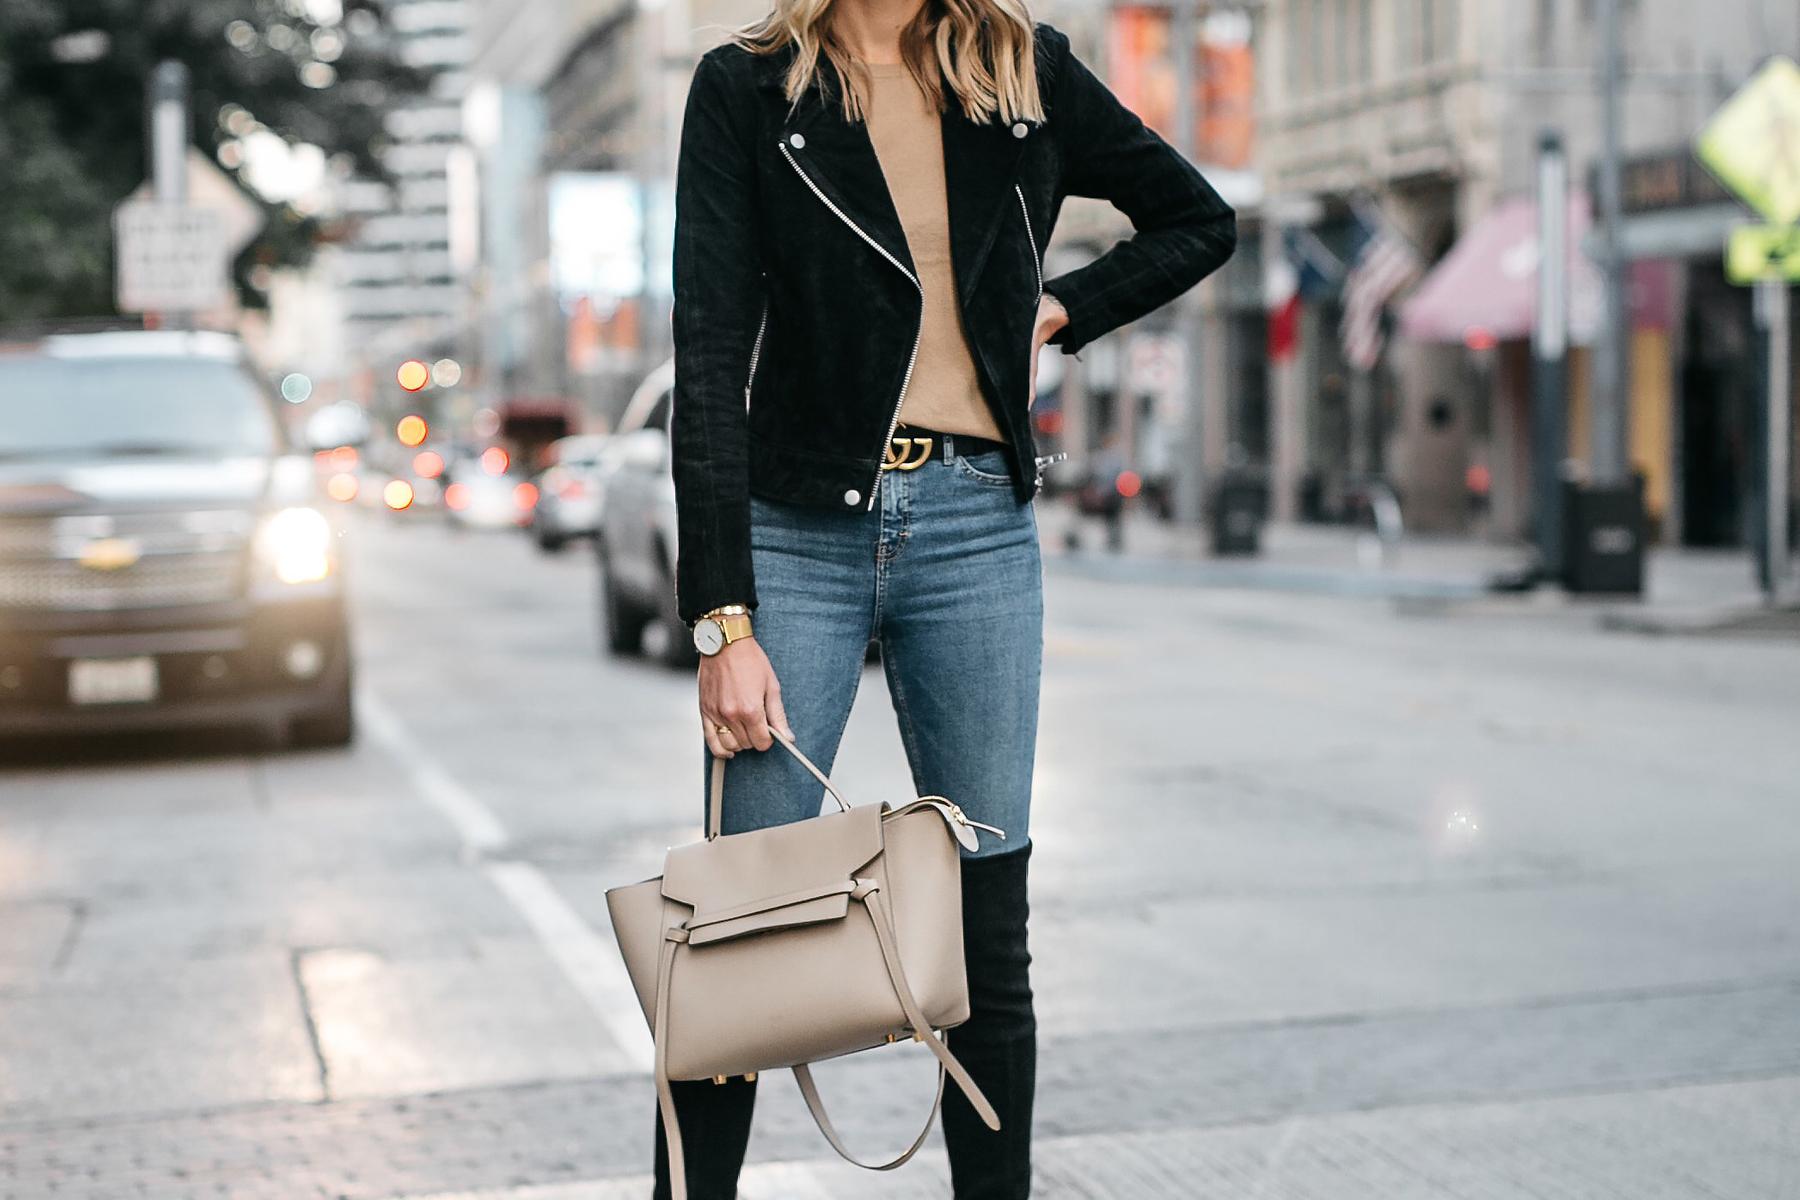 b6a99a1cd64 Black Suede Moto Jacket Camel Sweater Denim Skinny Jeans Gucci Marmont Belt  Celine Mini Belt Bag